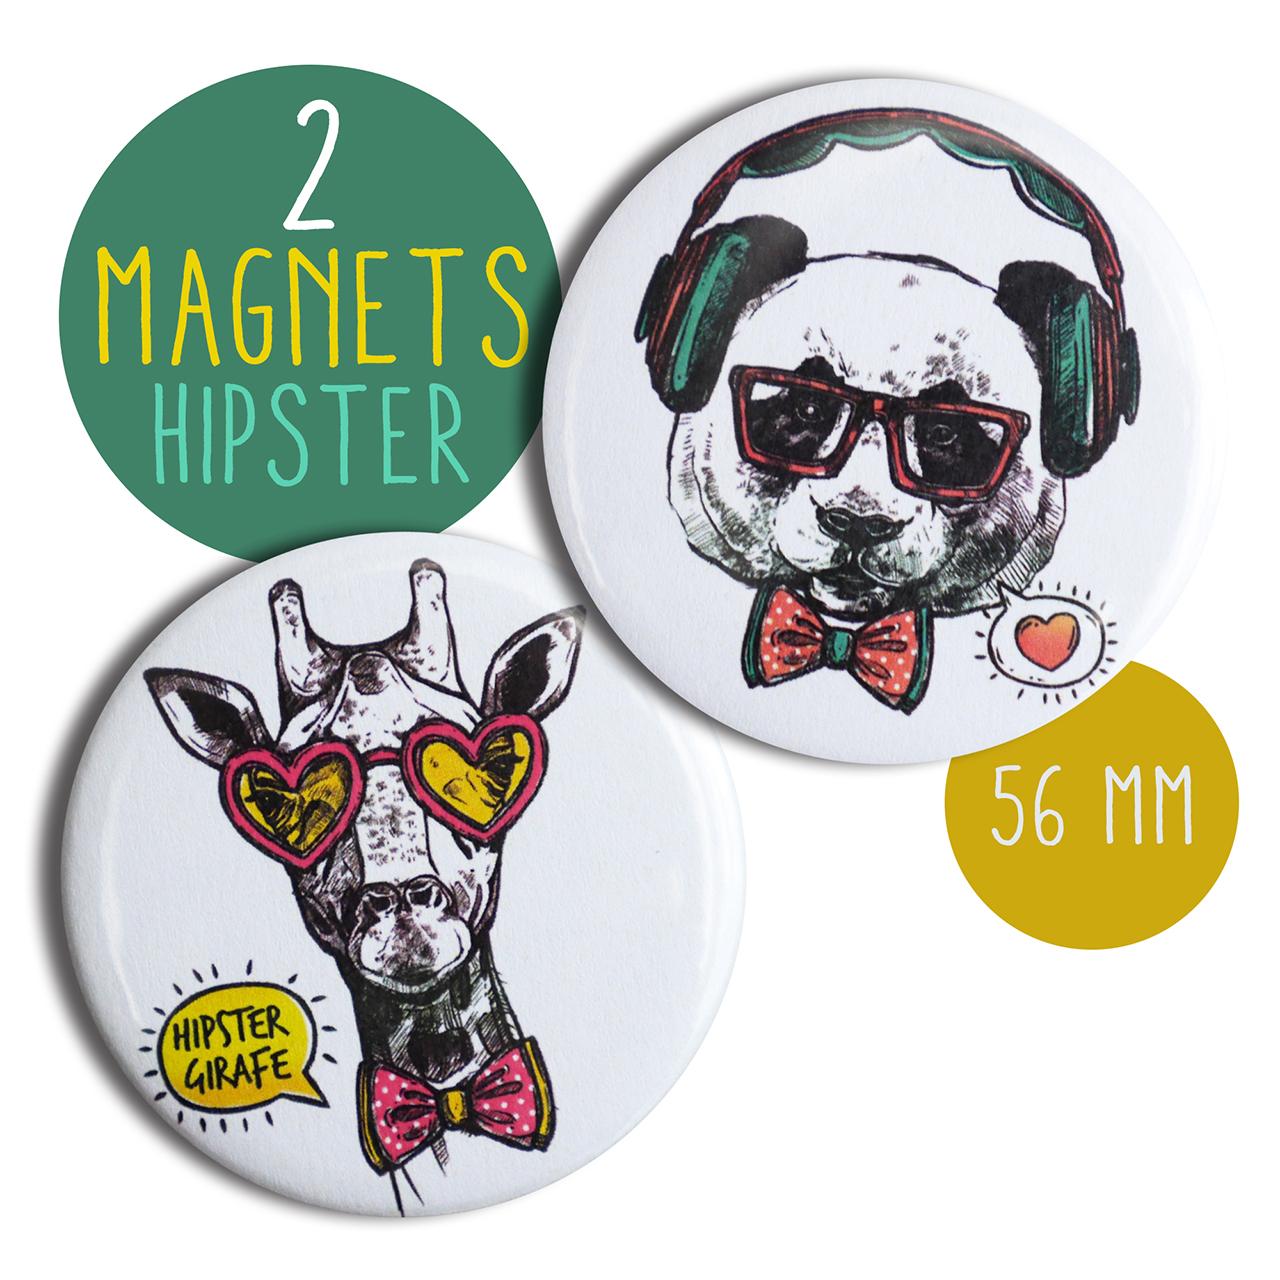 Lot de 18 magnets hipster panda girafe rond 18 mm aimant frigo cuisine  illustration décoration blanc cadeau original amusant